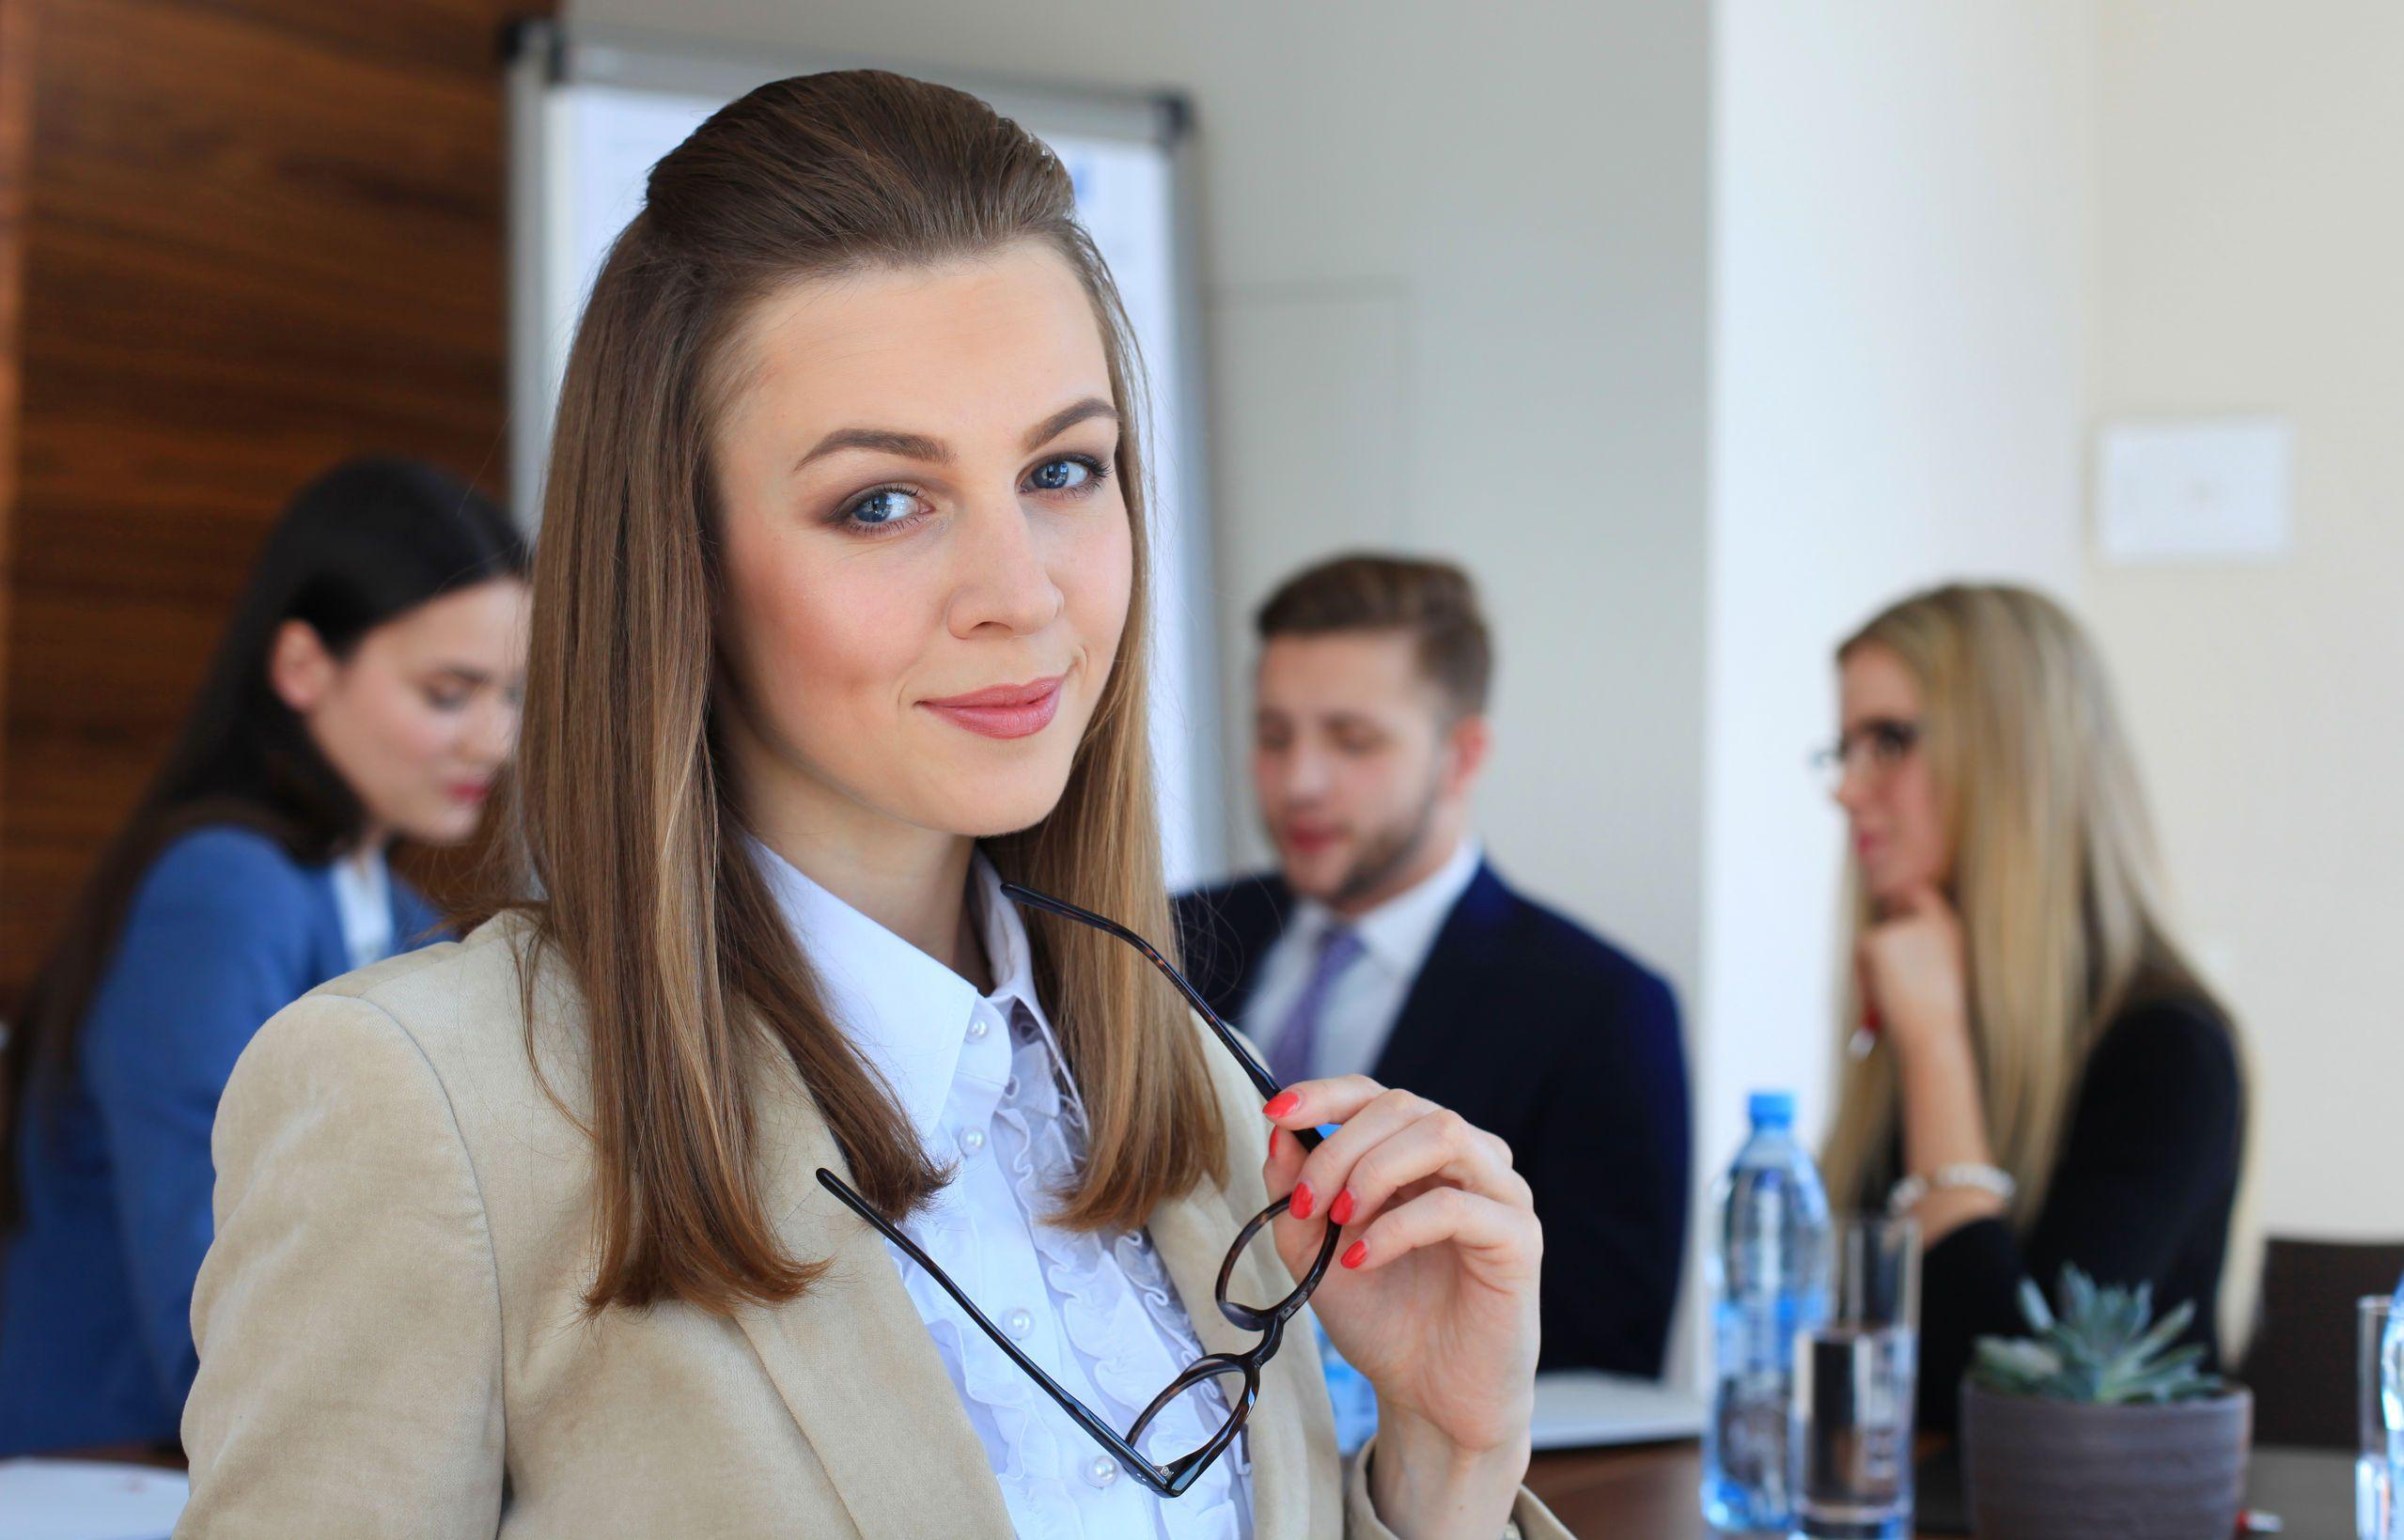 Un salariu pe zi în România: Cât câştigă o asistentă executivă în Bucureşti ?